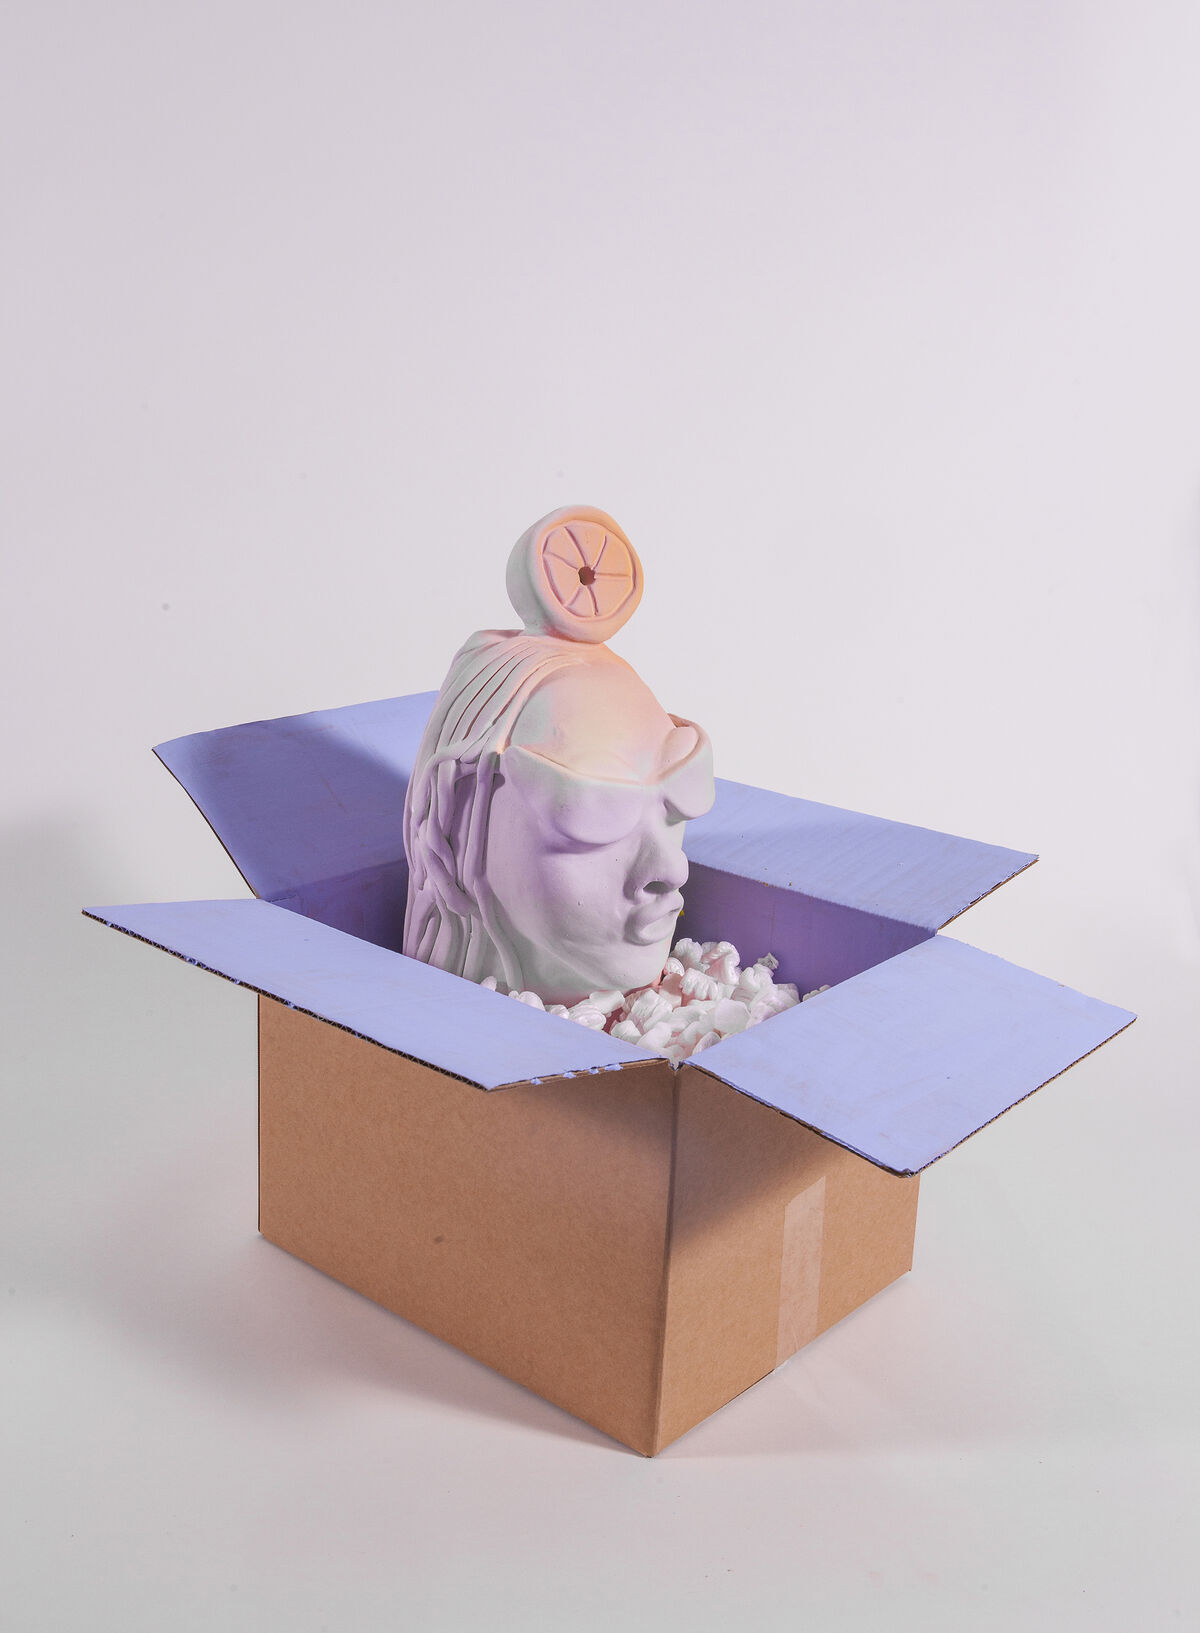 Cristina Tufiño. Courtesy of the artist and Galeria Agustina Ferreyra.